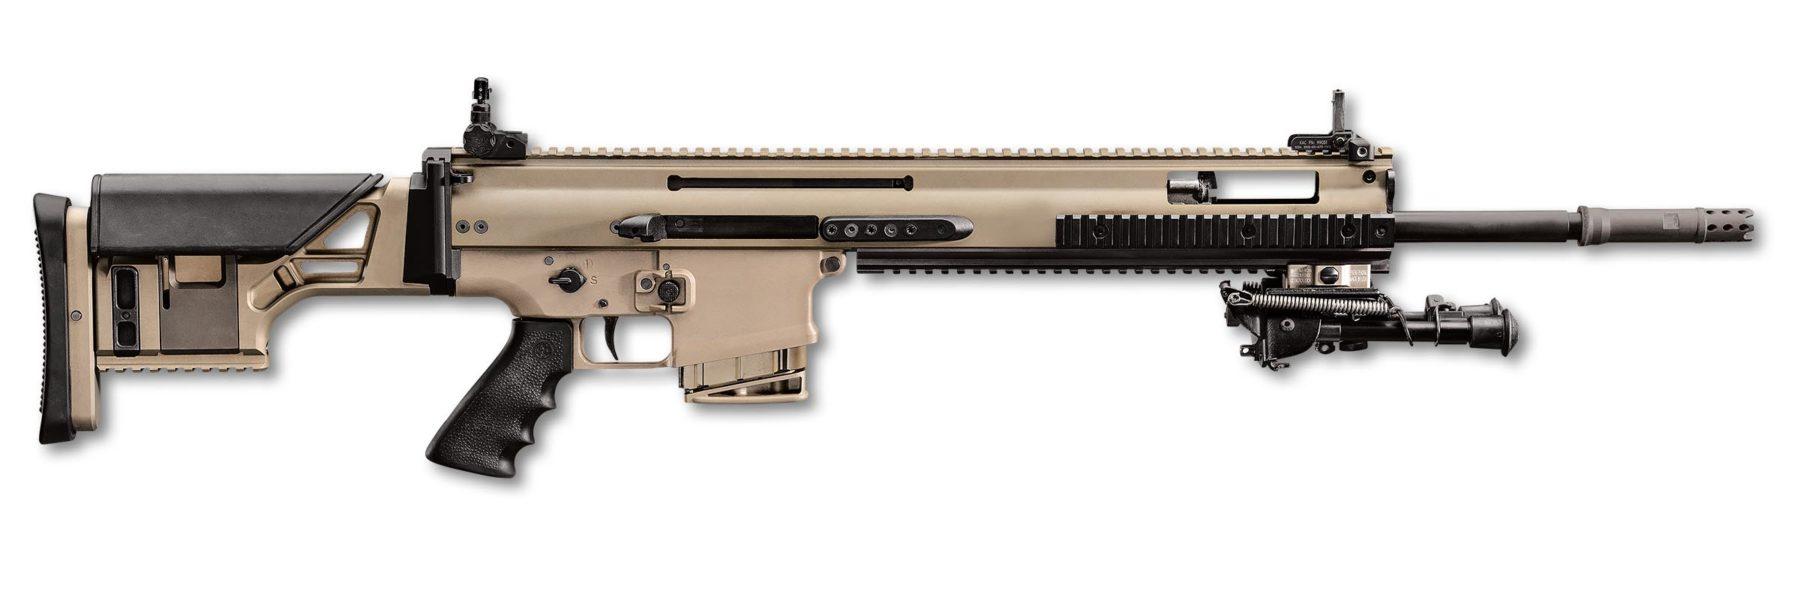 FN Mk20 SSR (SCAR 20S)